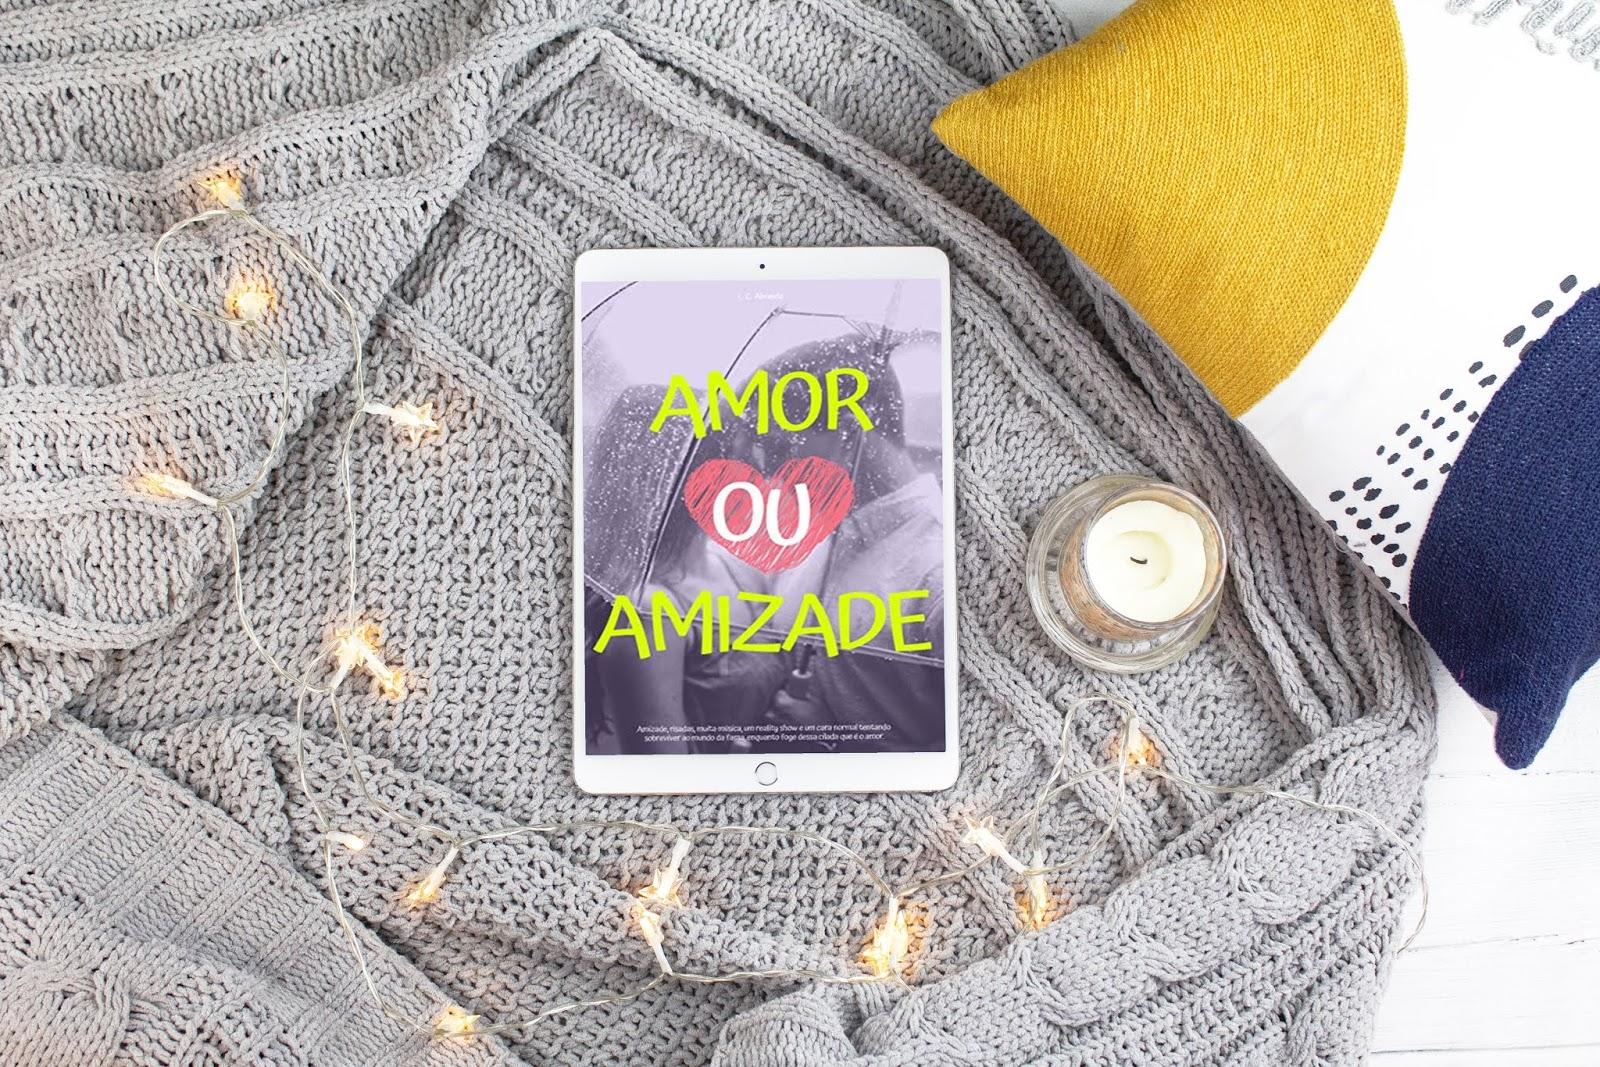 Amor ou Amizade - L. C. Almeida | Resenha